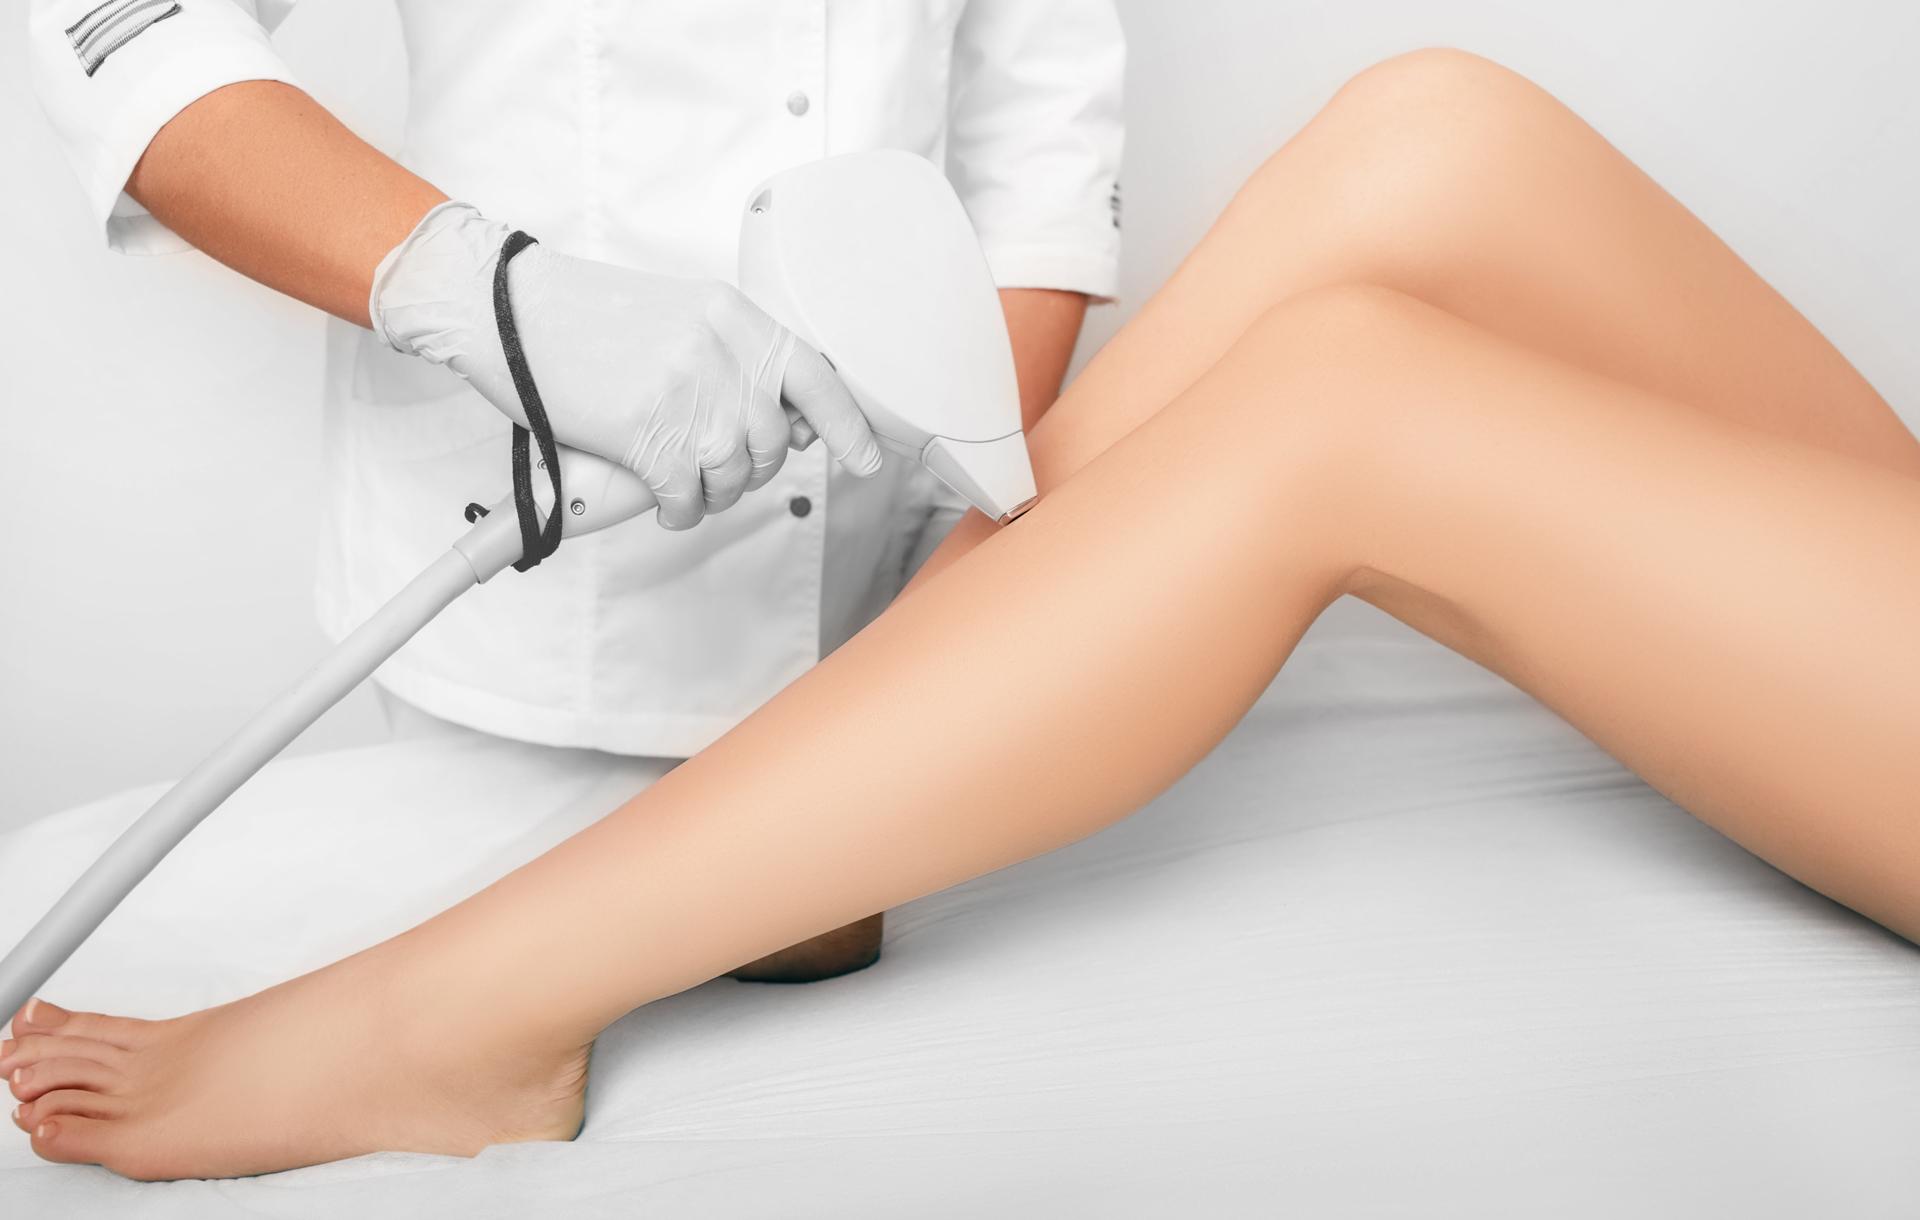 Laser Hair Removal - Les Nouvelles Esthétiques & Spa